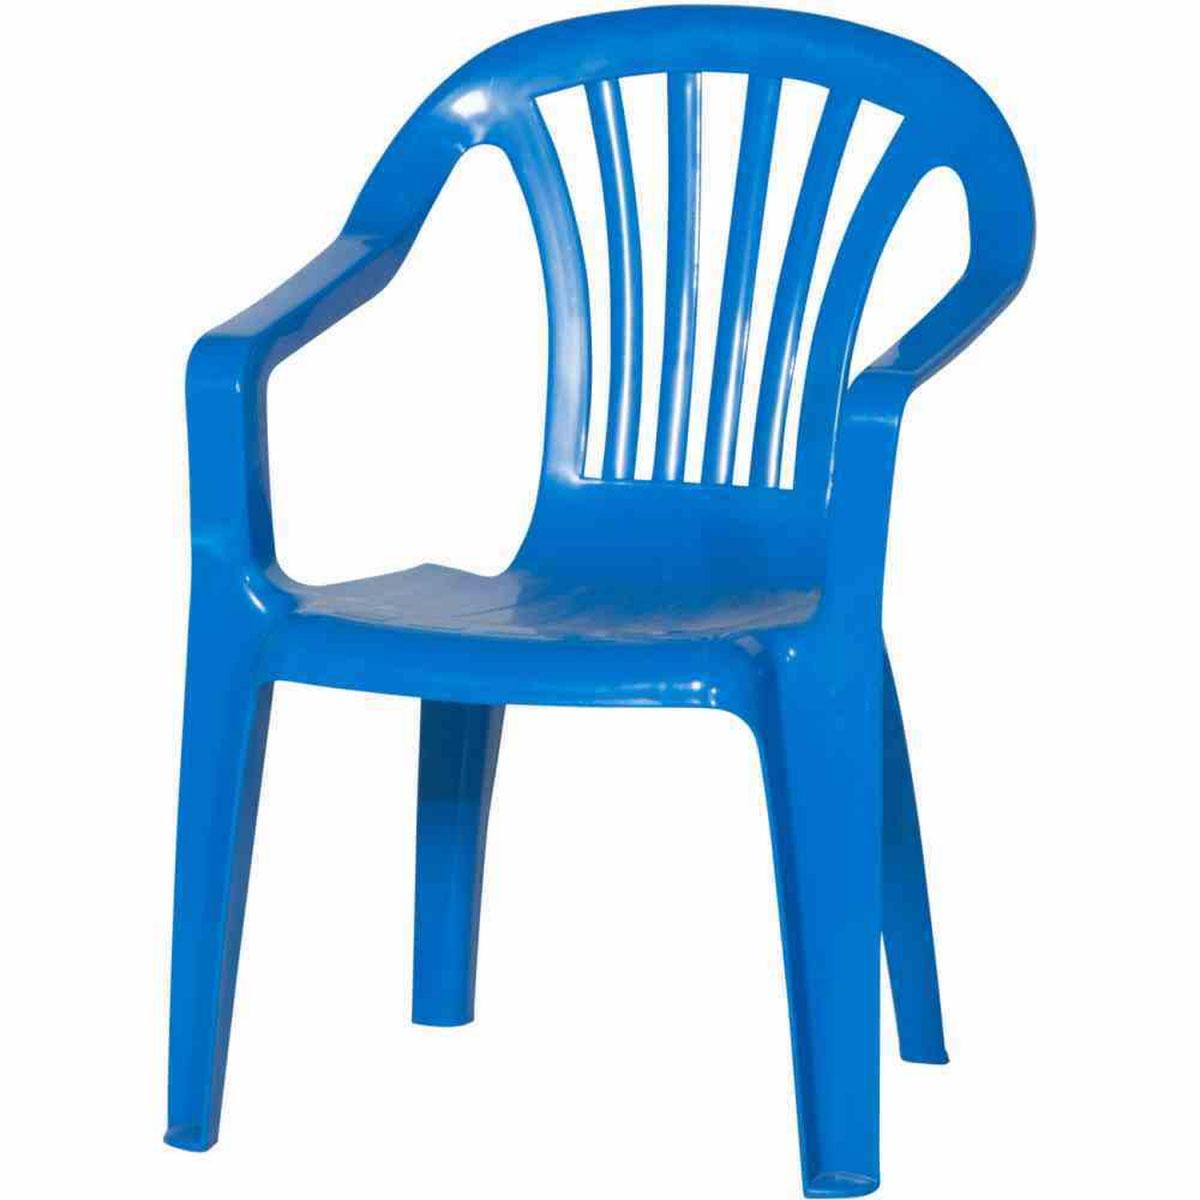 Gartenstühle - Kinder Gartenstuhl, Monoblock, blau  - Onlineshop Hellweg